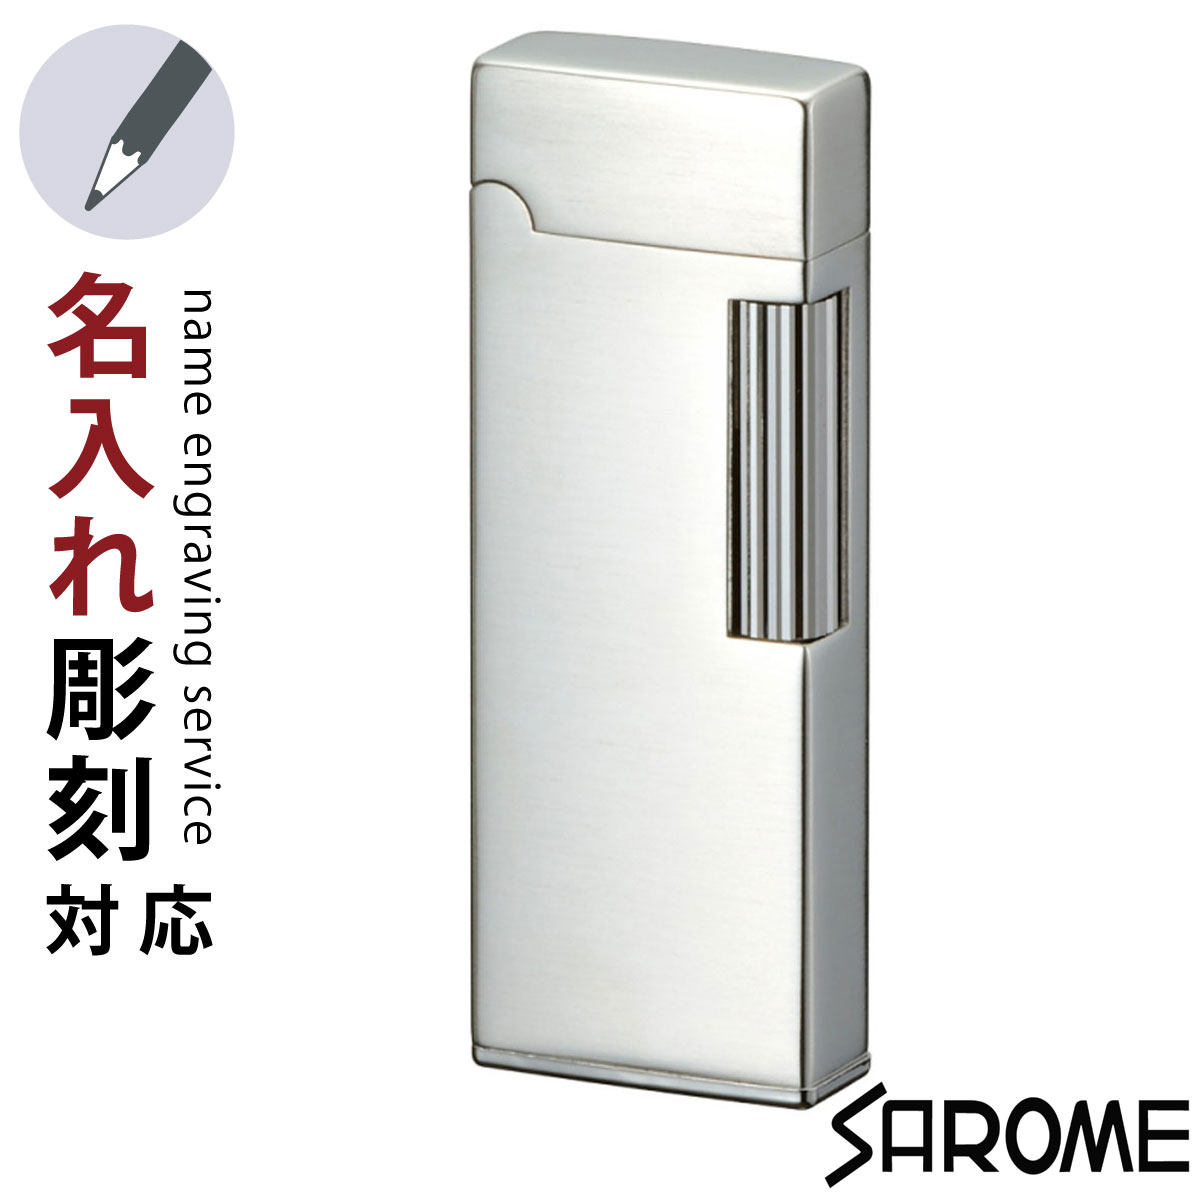 ライター サロメ 名入れ 彫刻 名入れ対応 SD sd ガスライター SAROME サロメ SD9-42 シルバーサテーナ 名入れ ギフト